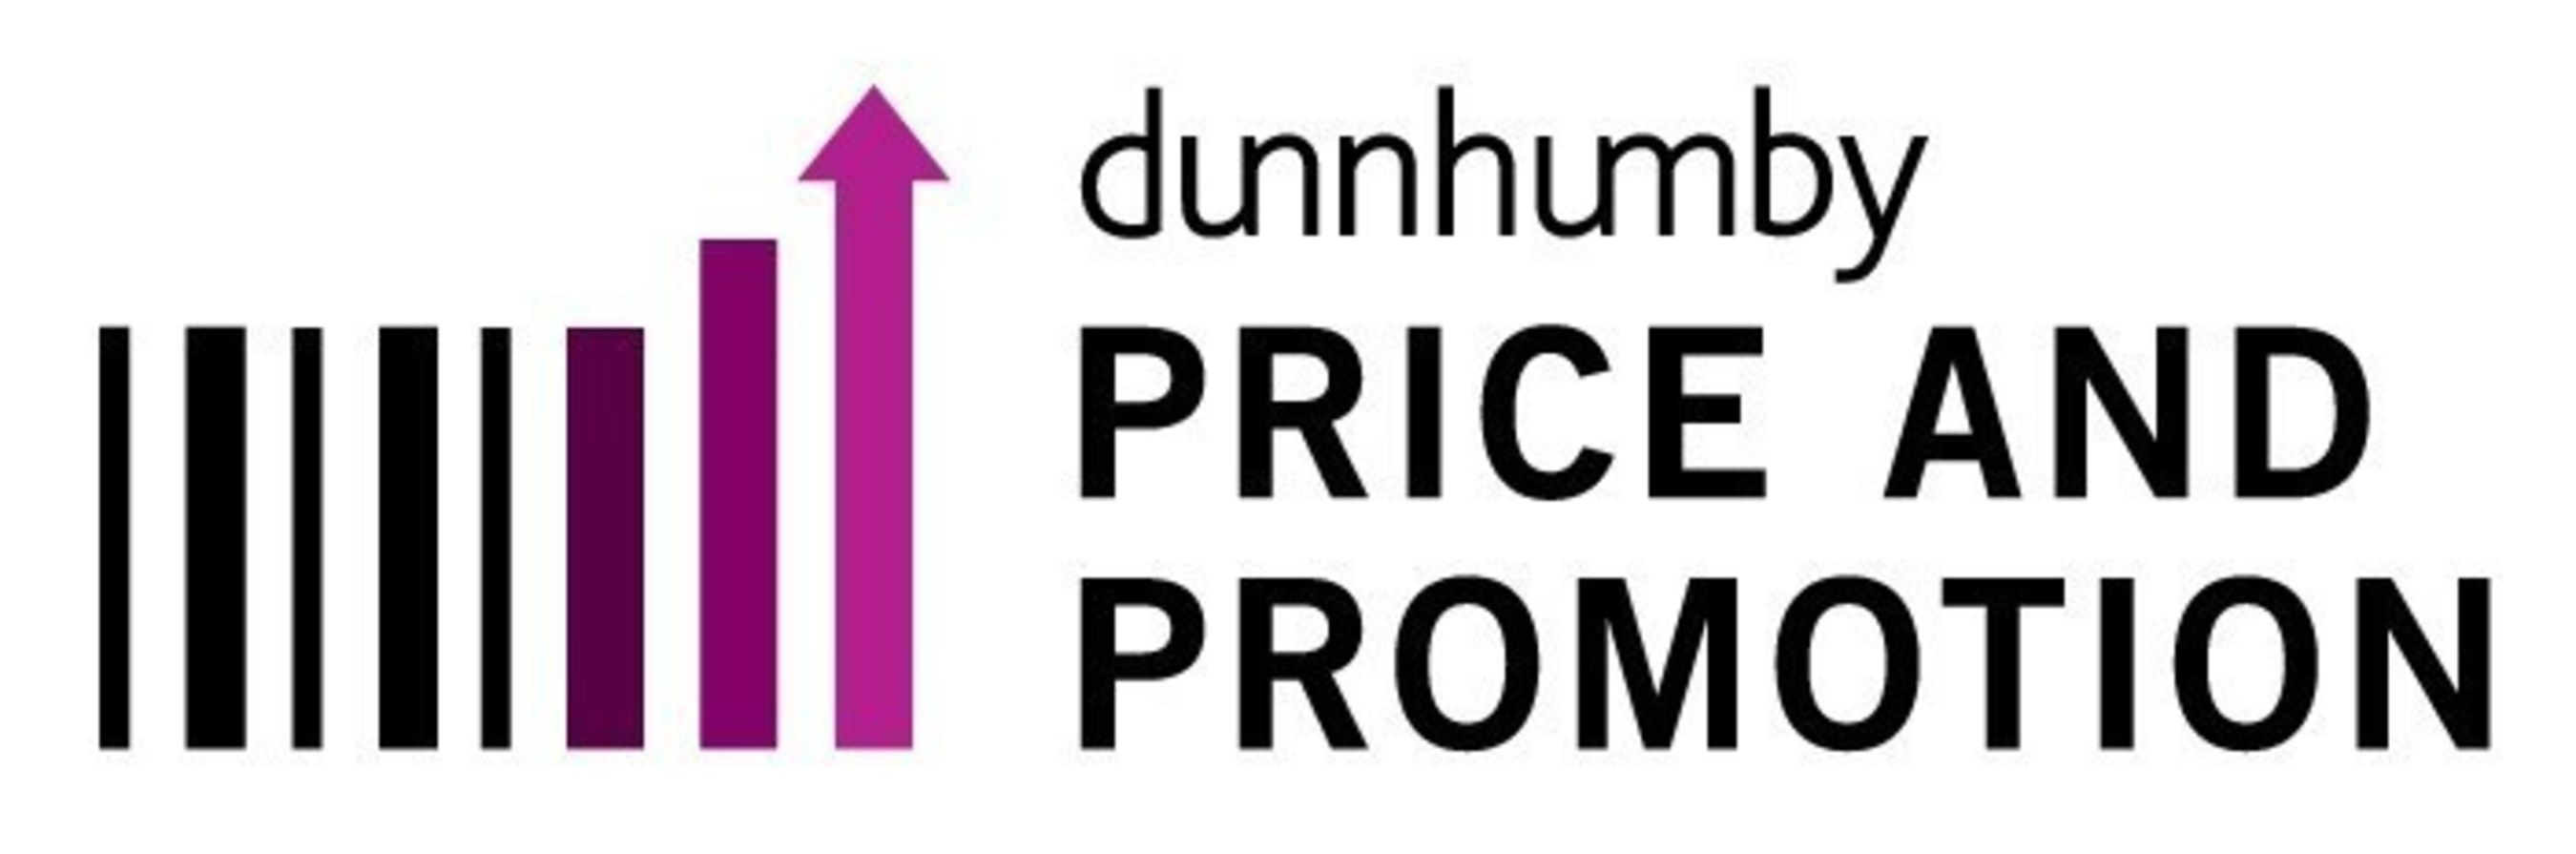 dunnhumby stellt KSS Retail neu auf, startet umfangreiche Price and Promotion-Dienste und